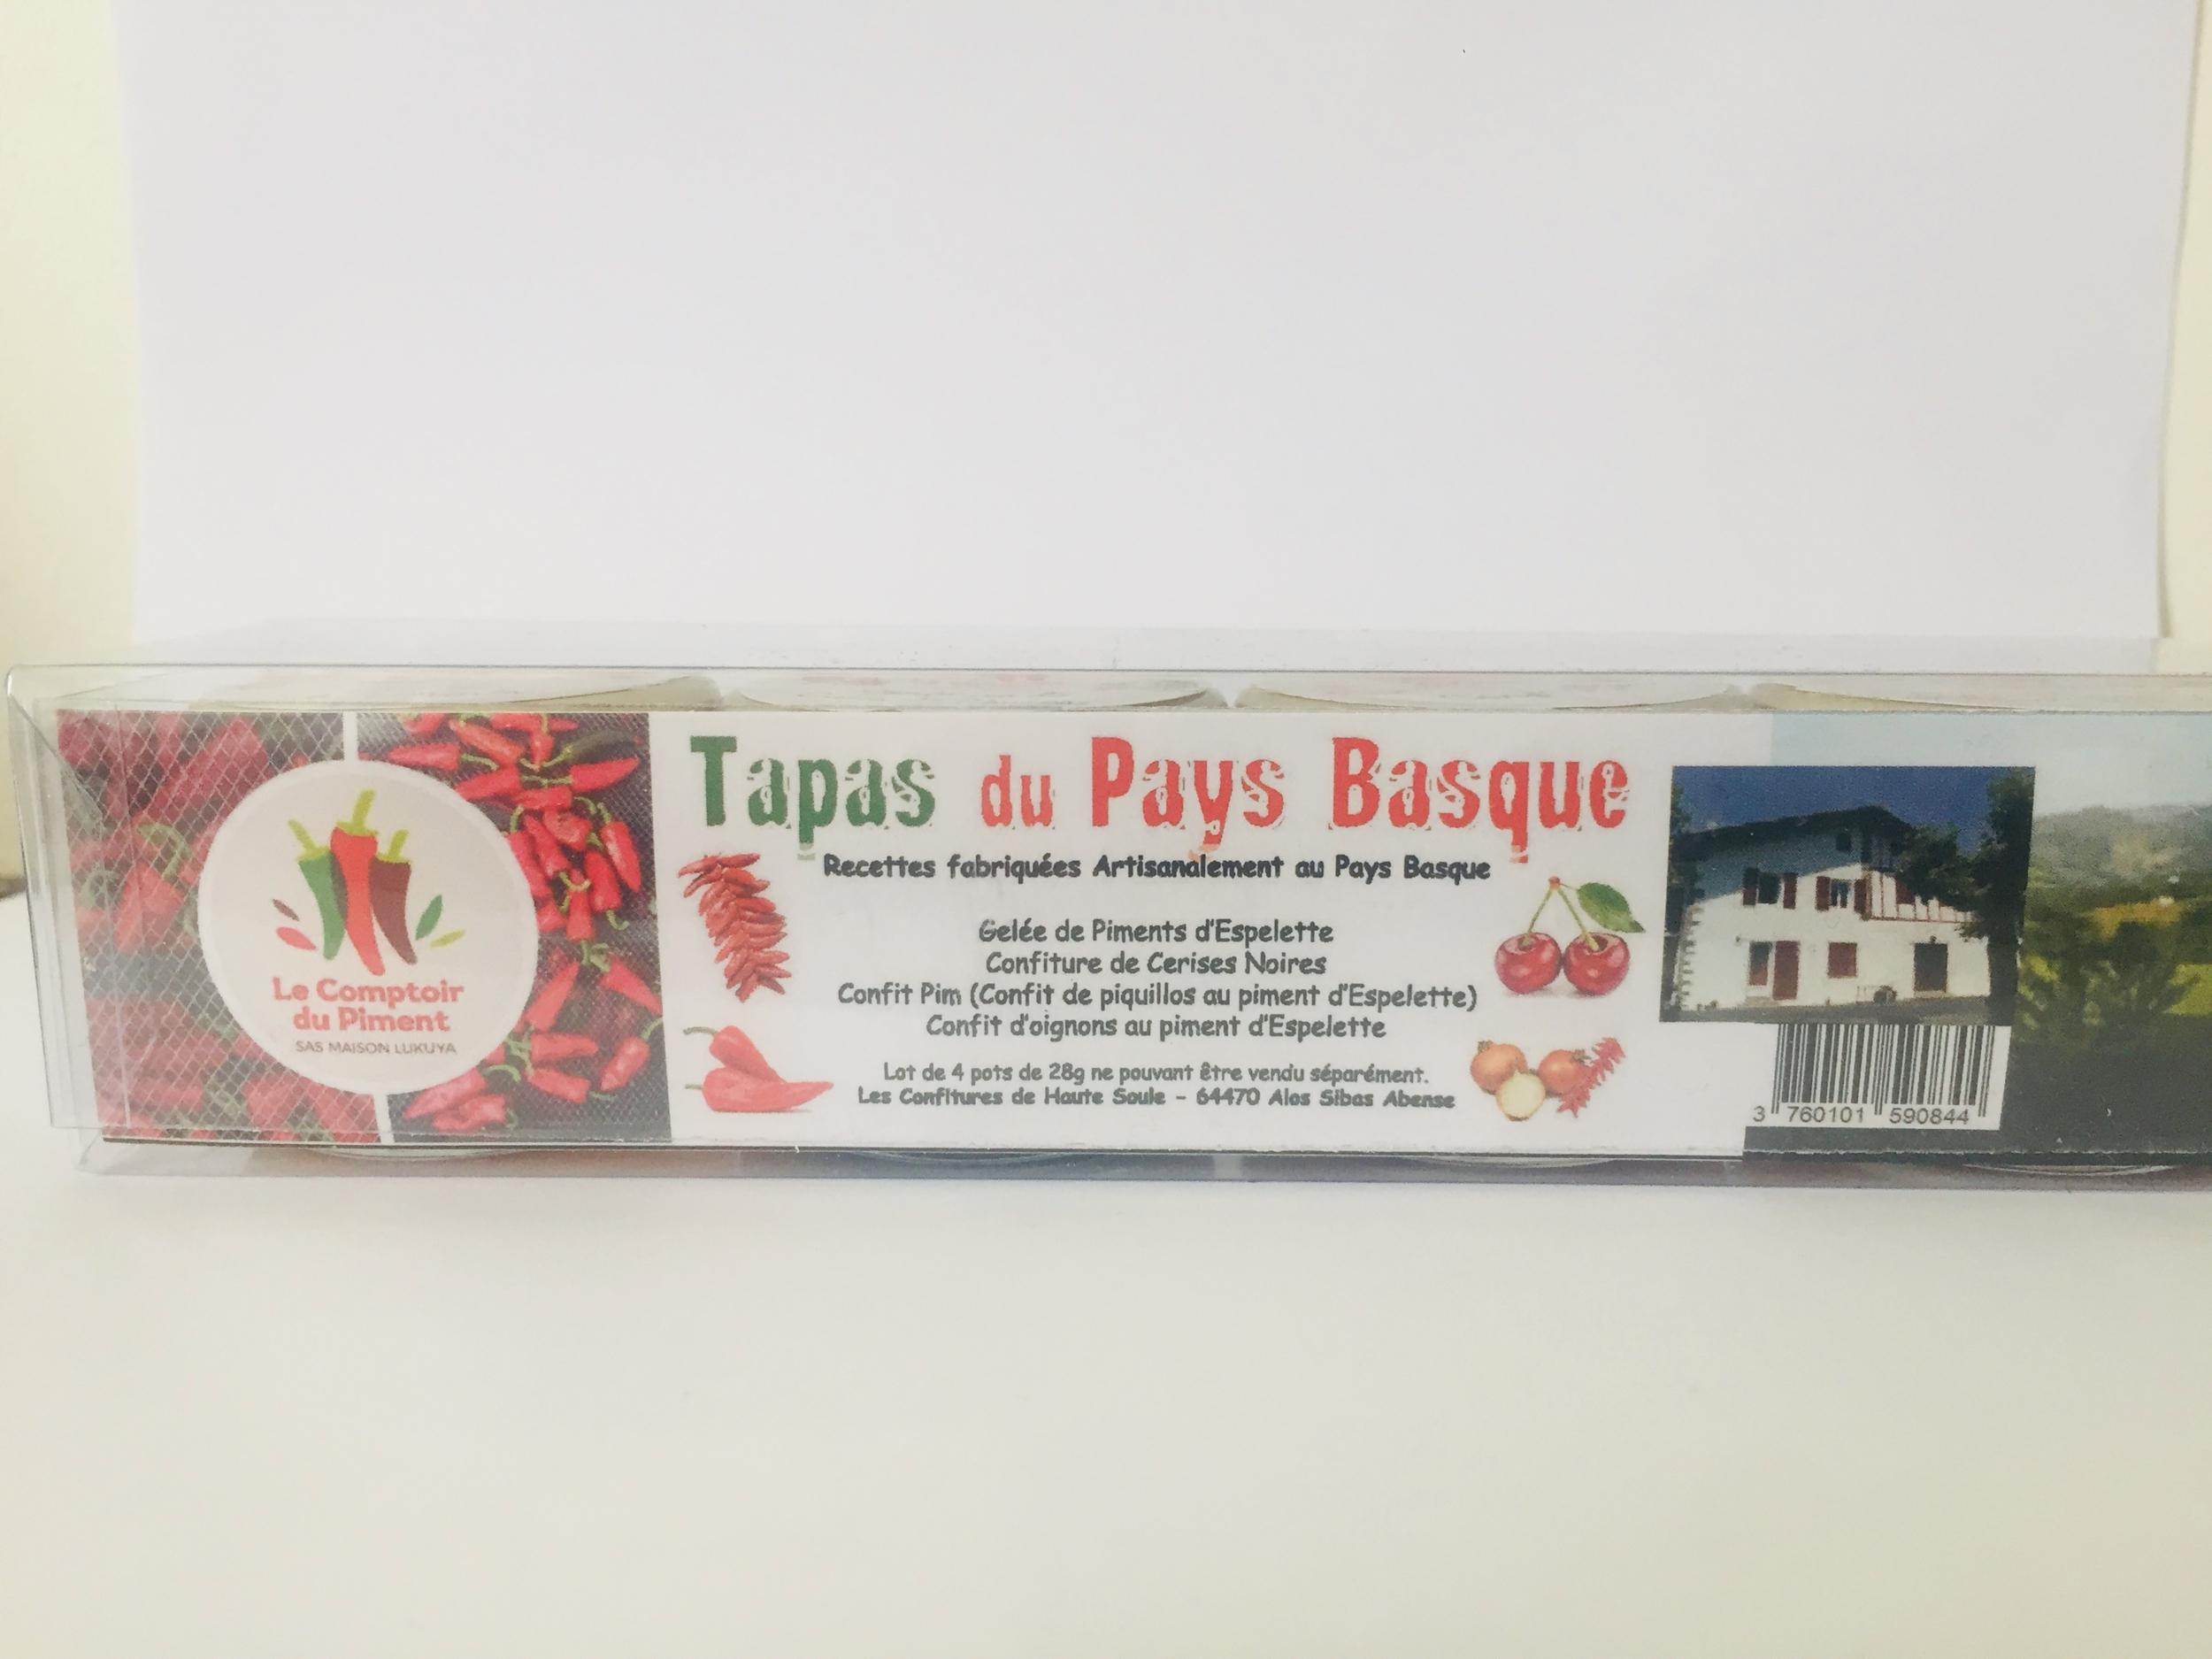 Tapas du Pays Basque